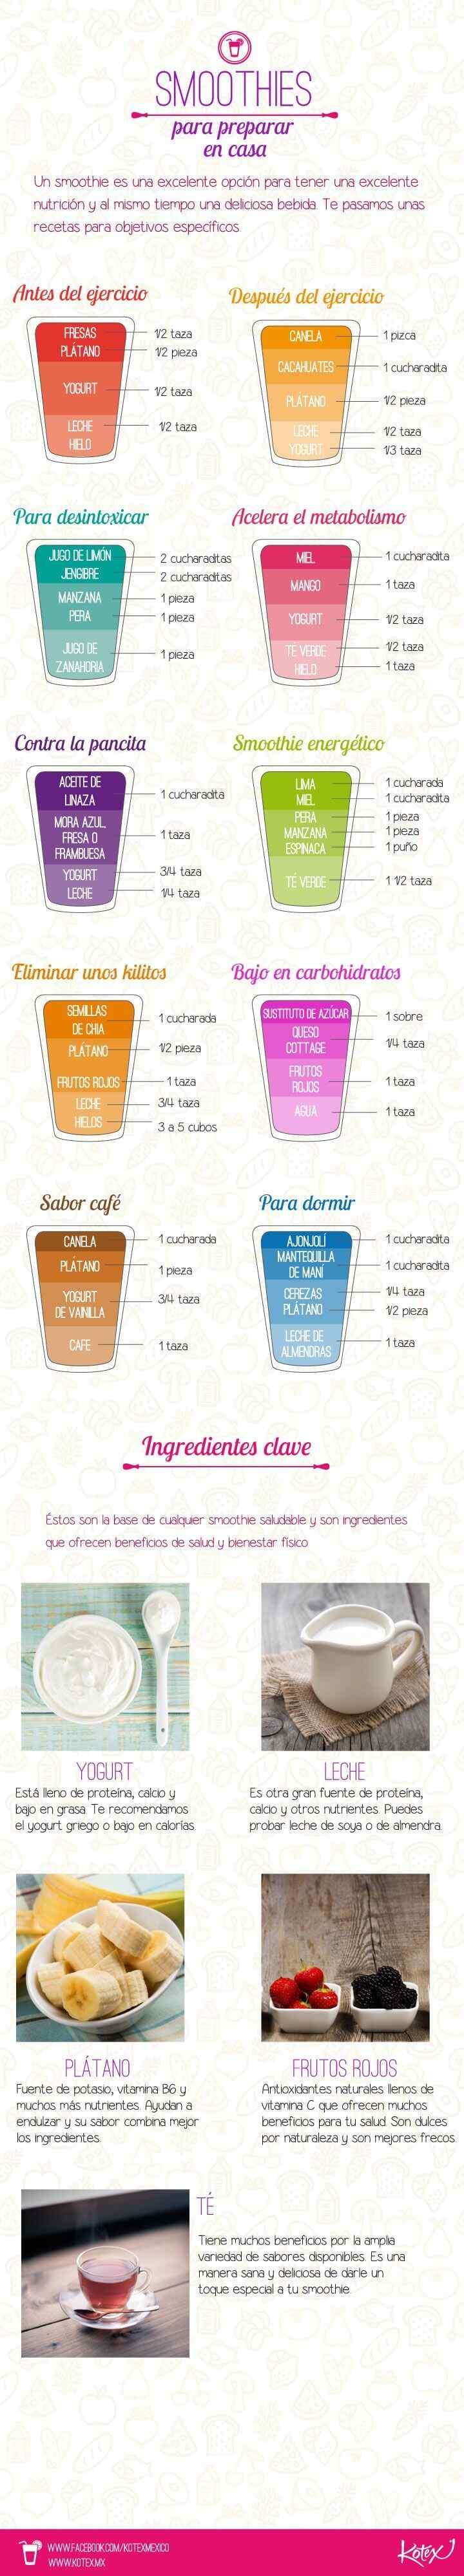 smoothies-ejercicio